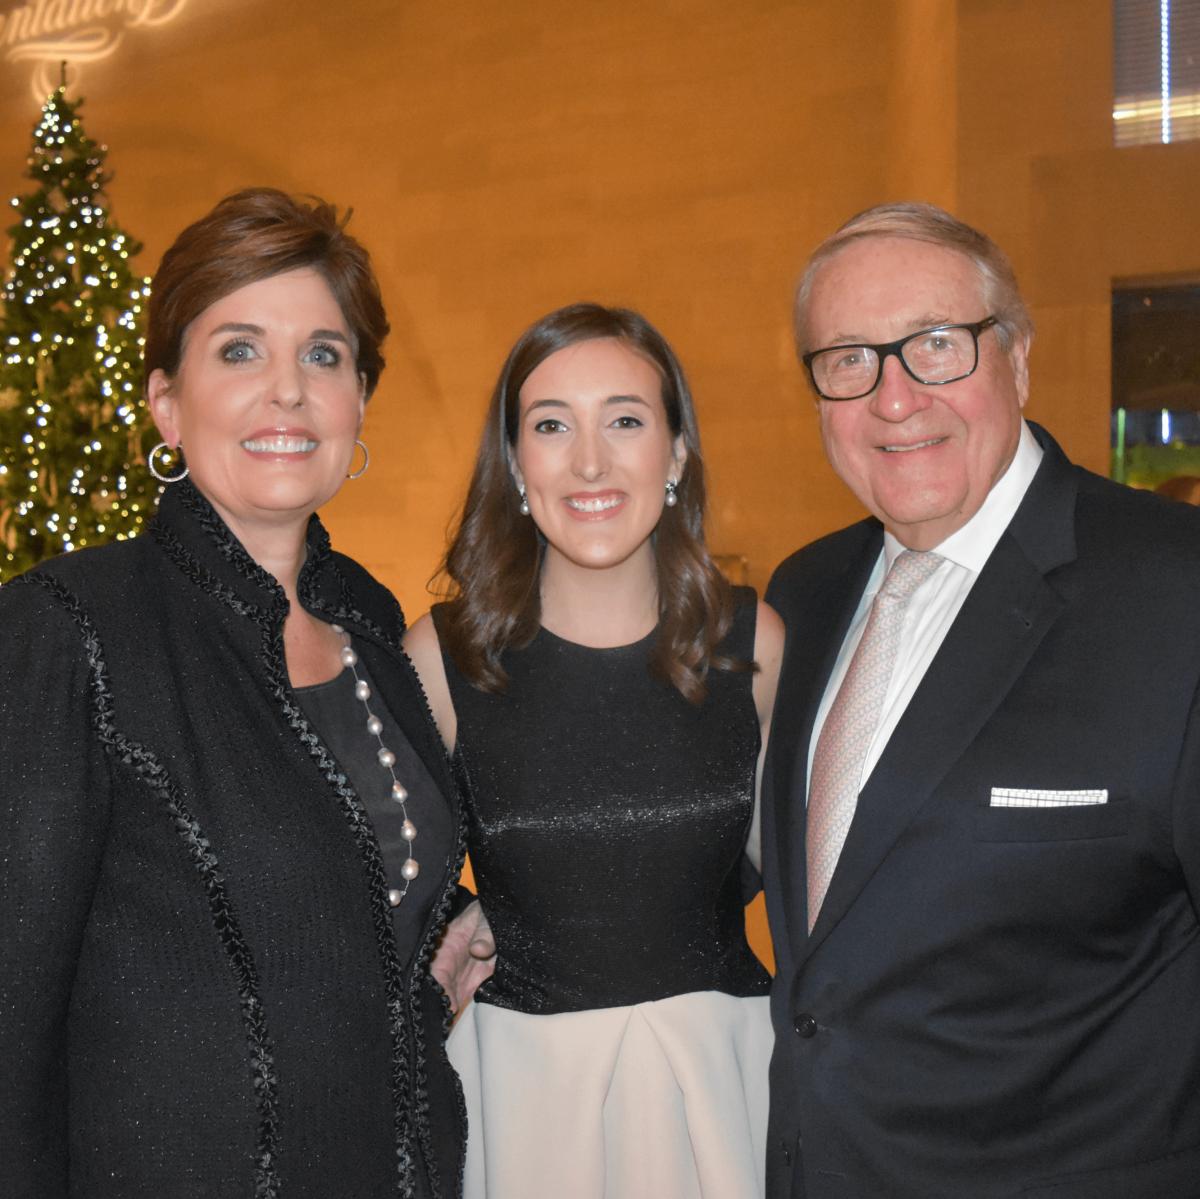 Lori, Hailey and Bill Bush